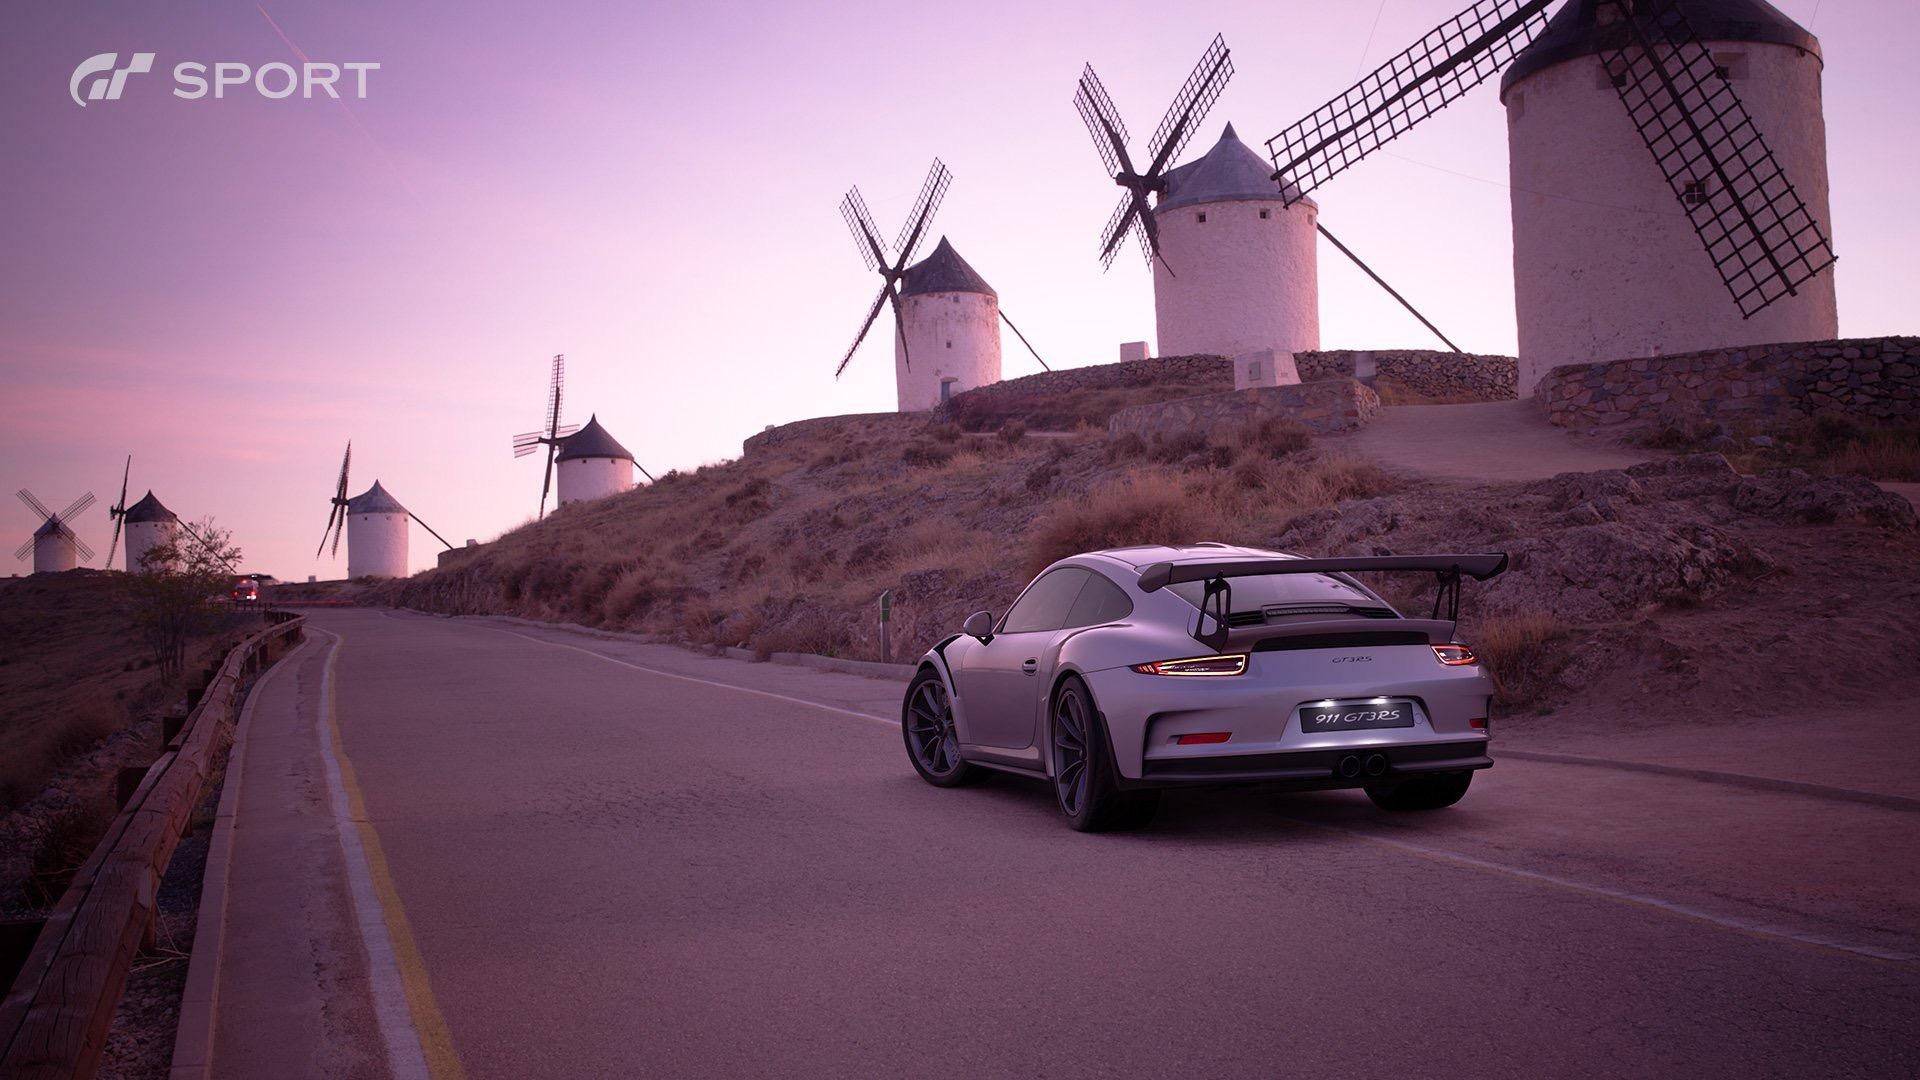 تماشا کنید: ۸ دقیقه گیمپلی جدید از بخش تکنفره بازی Gran Turismo Sport